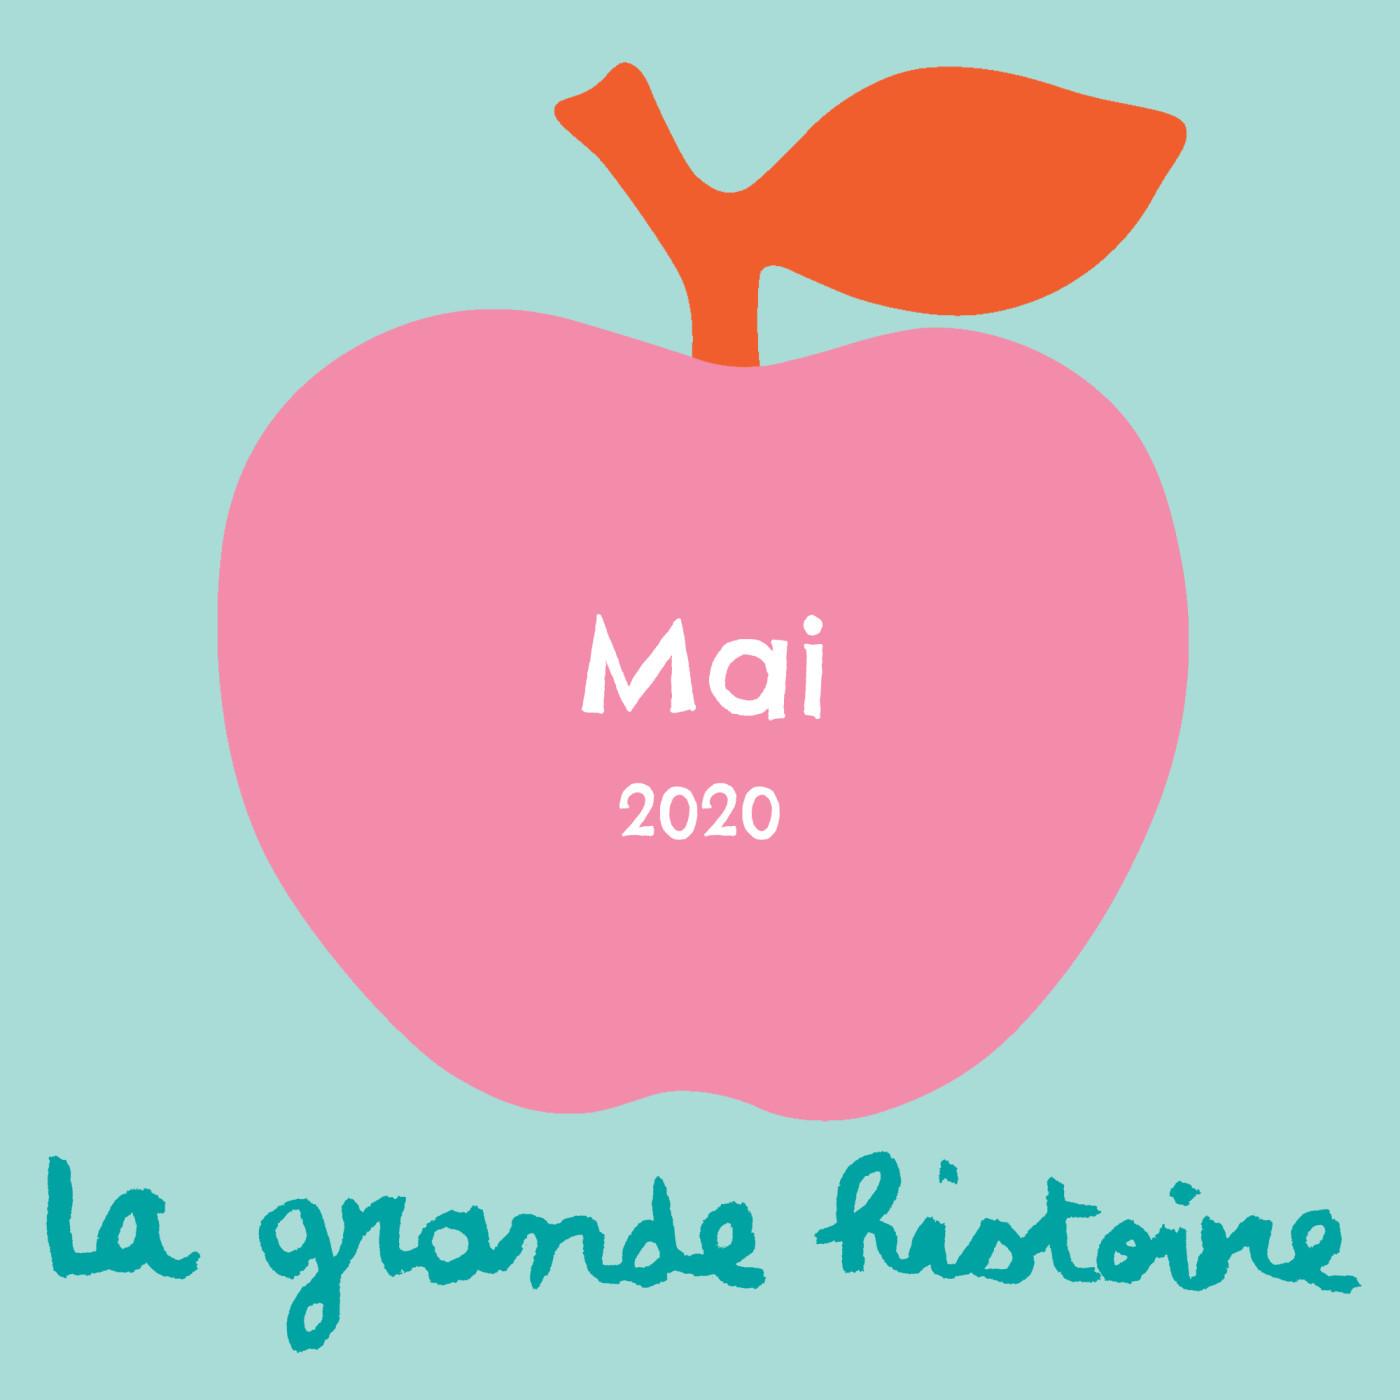 Mai 2020 - L'arbre de Monsieur Marcellin